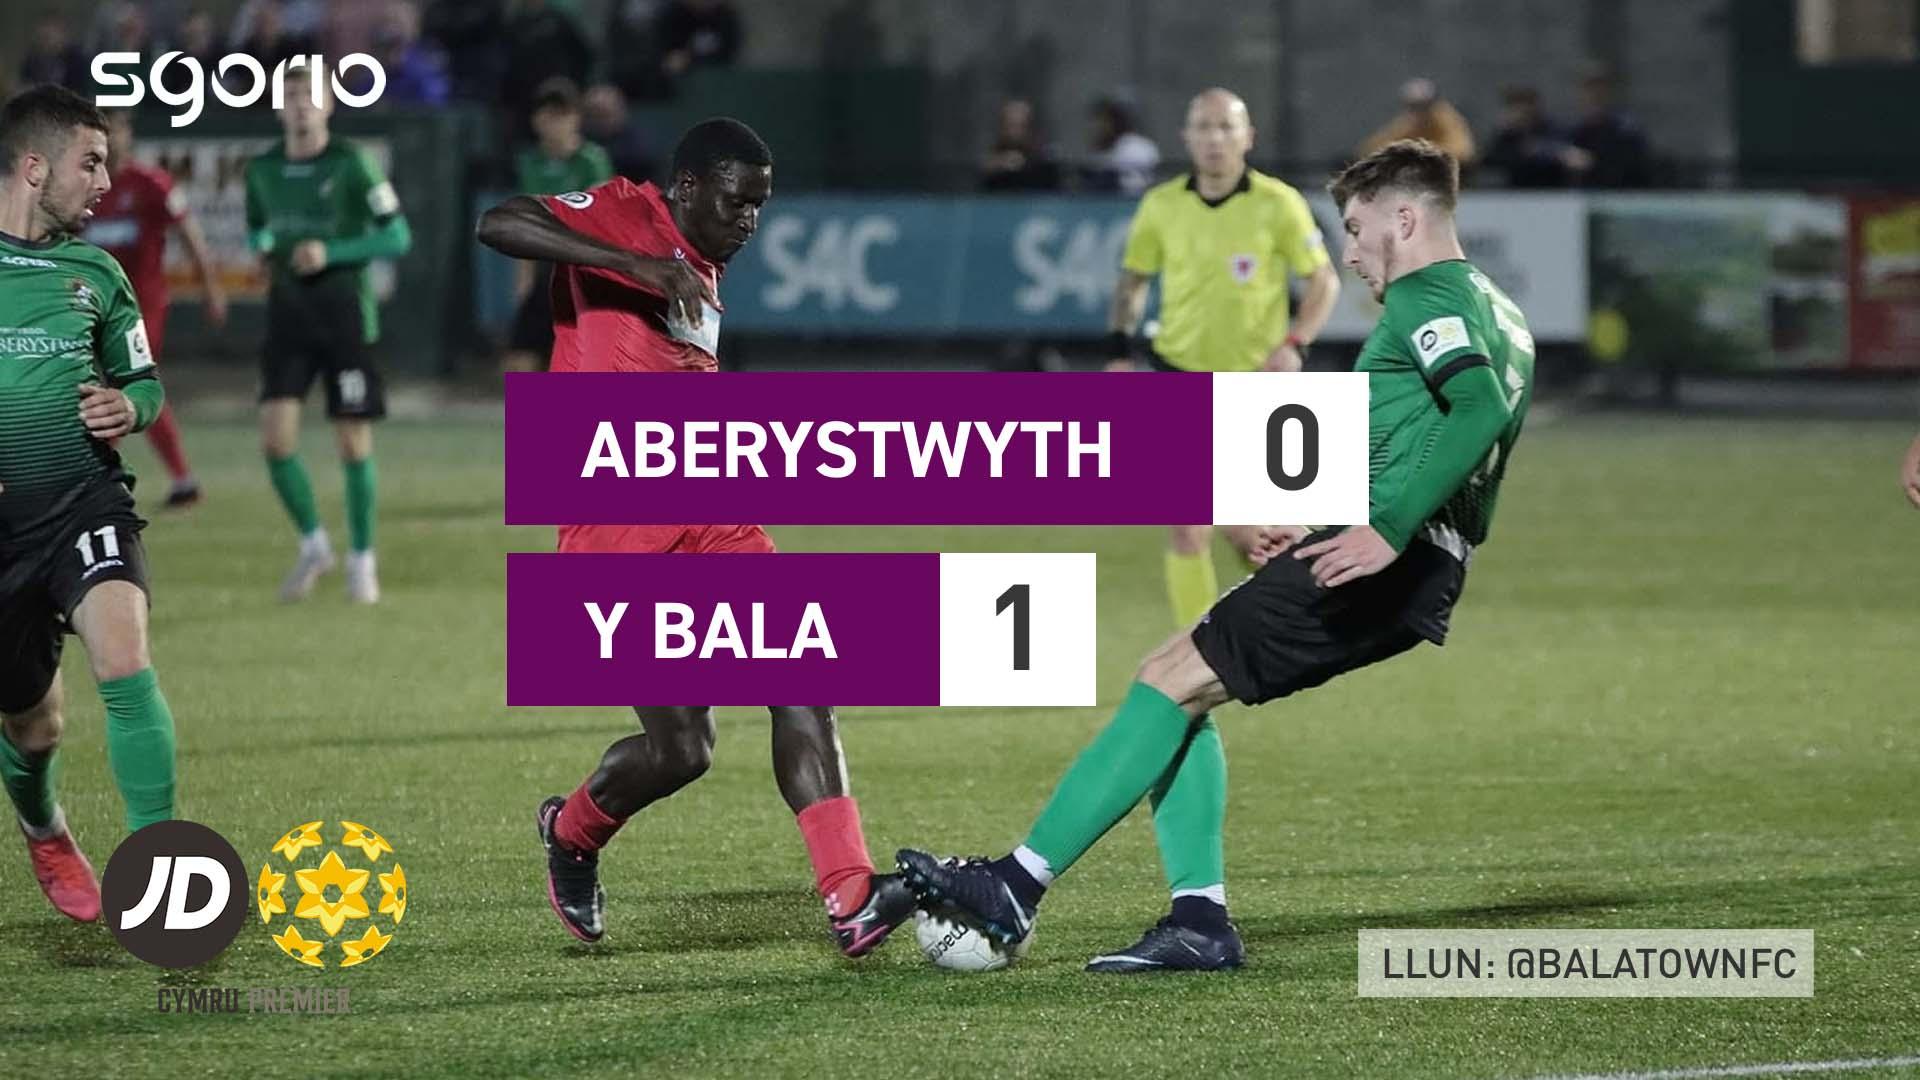 Aberystwyth 0-1 Y Bala